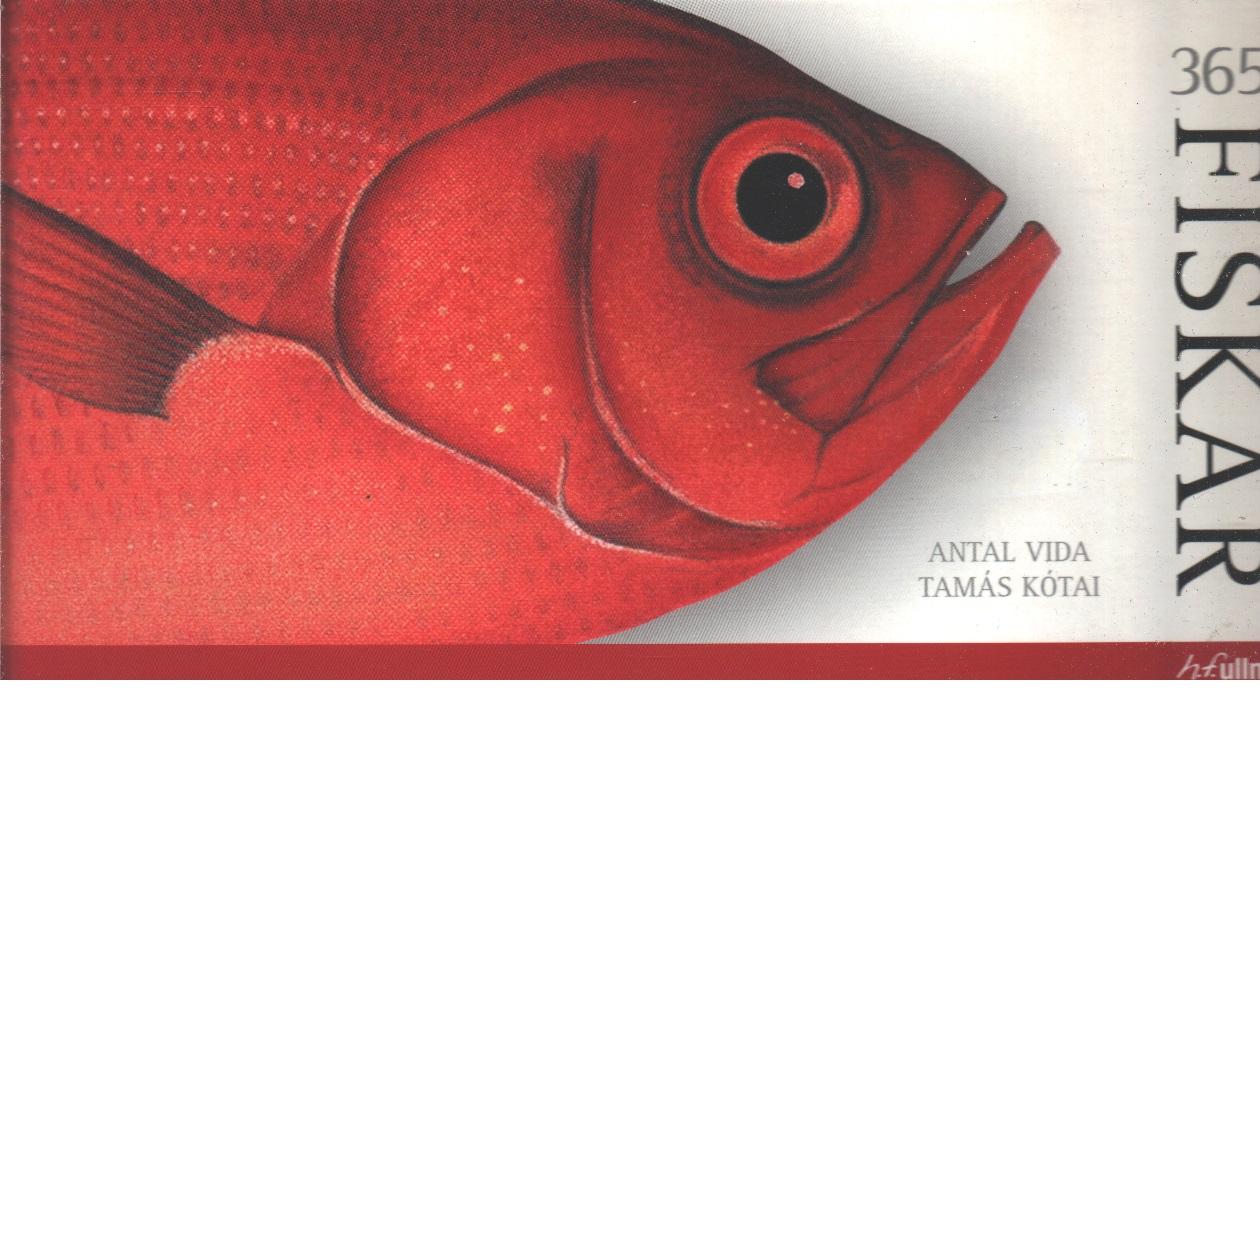 365 fiskar - Antal Vida, Tamas Kotai